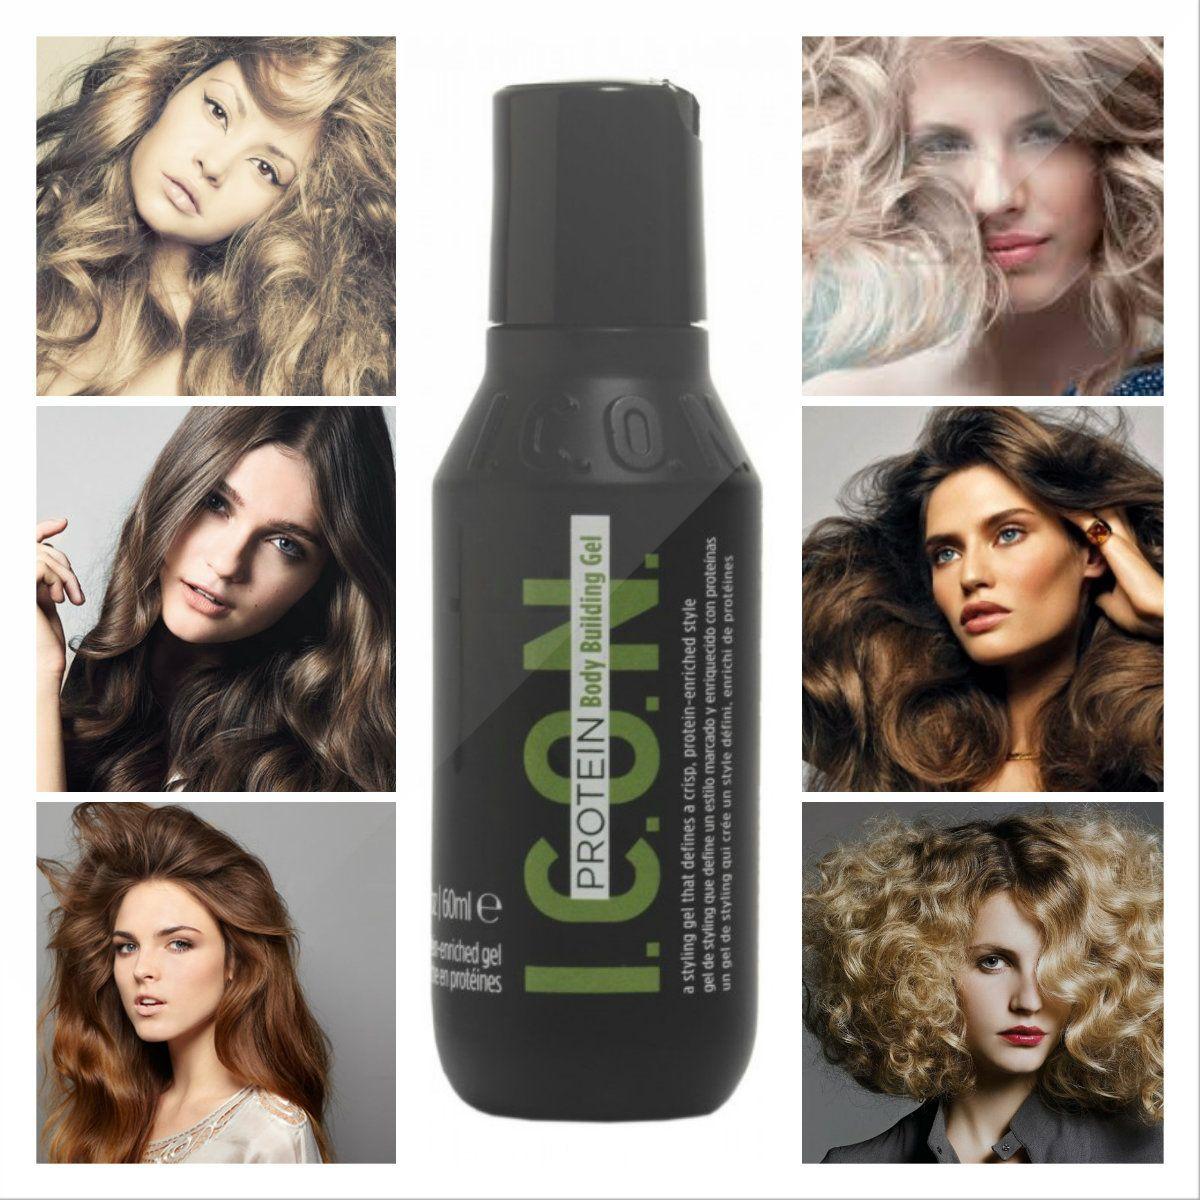 Buenos días Mundo!! #Felizmiercoles!!! Queréis que vuestro cabello tenga más volumen, esté visiblemente más fuerte y perfectamente definido?? Con ICON Protein Gel Efecto Volumen transformarás tu cabello dándole la forma que deseas.